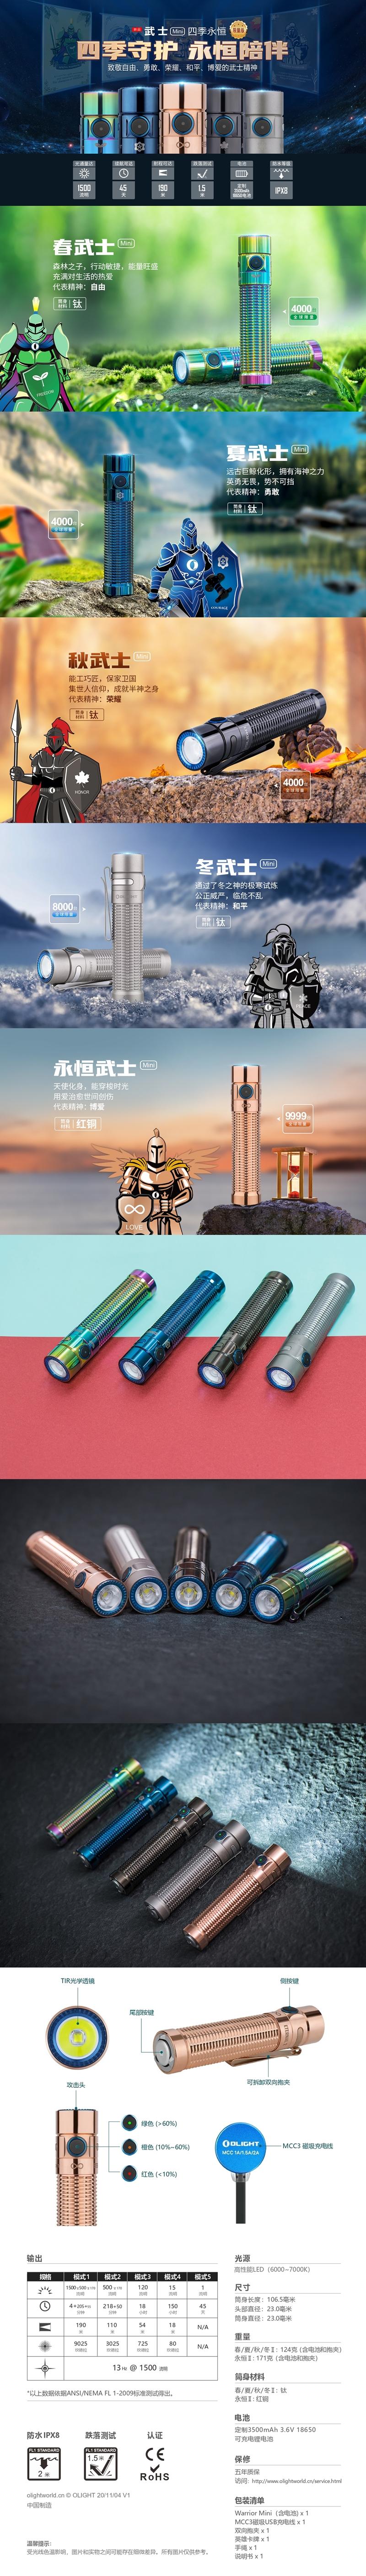 OLIGHT Warrior Mini 四季 永恆 限量版 武士 迷你版-1